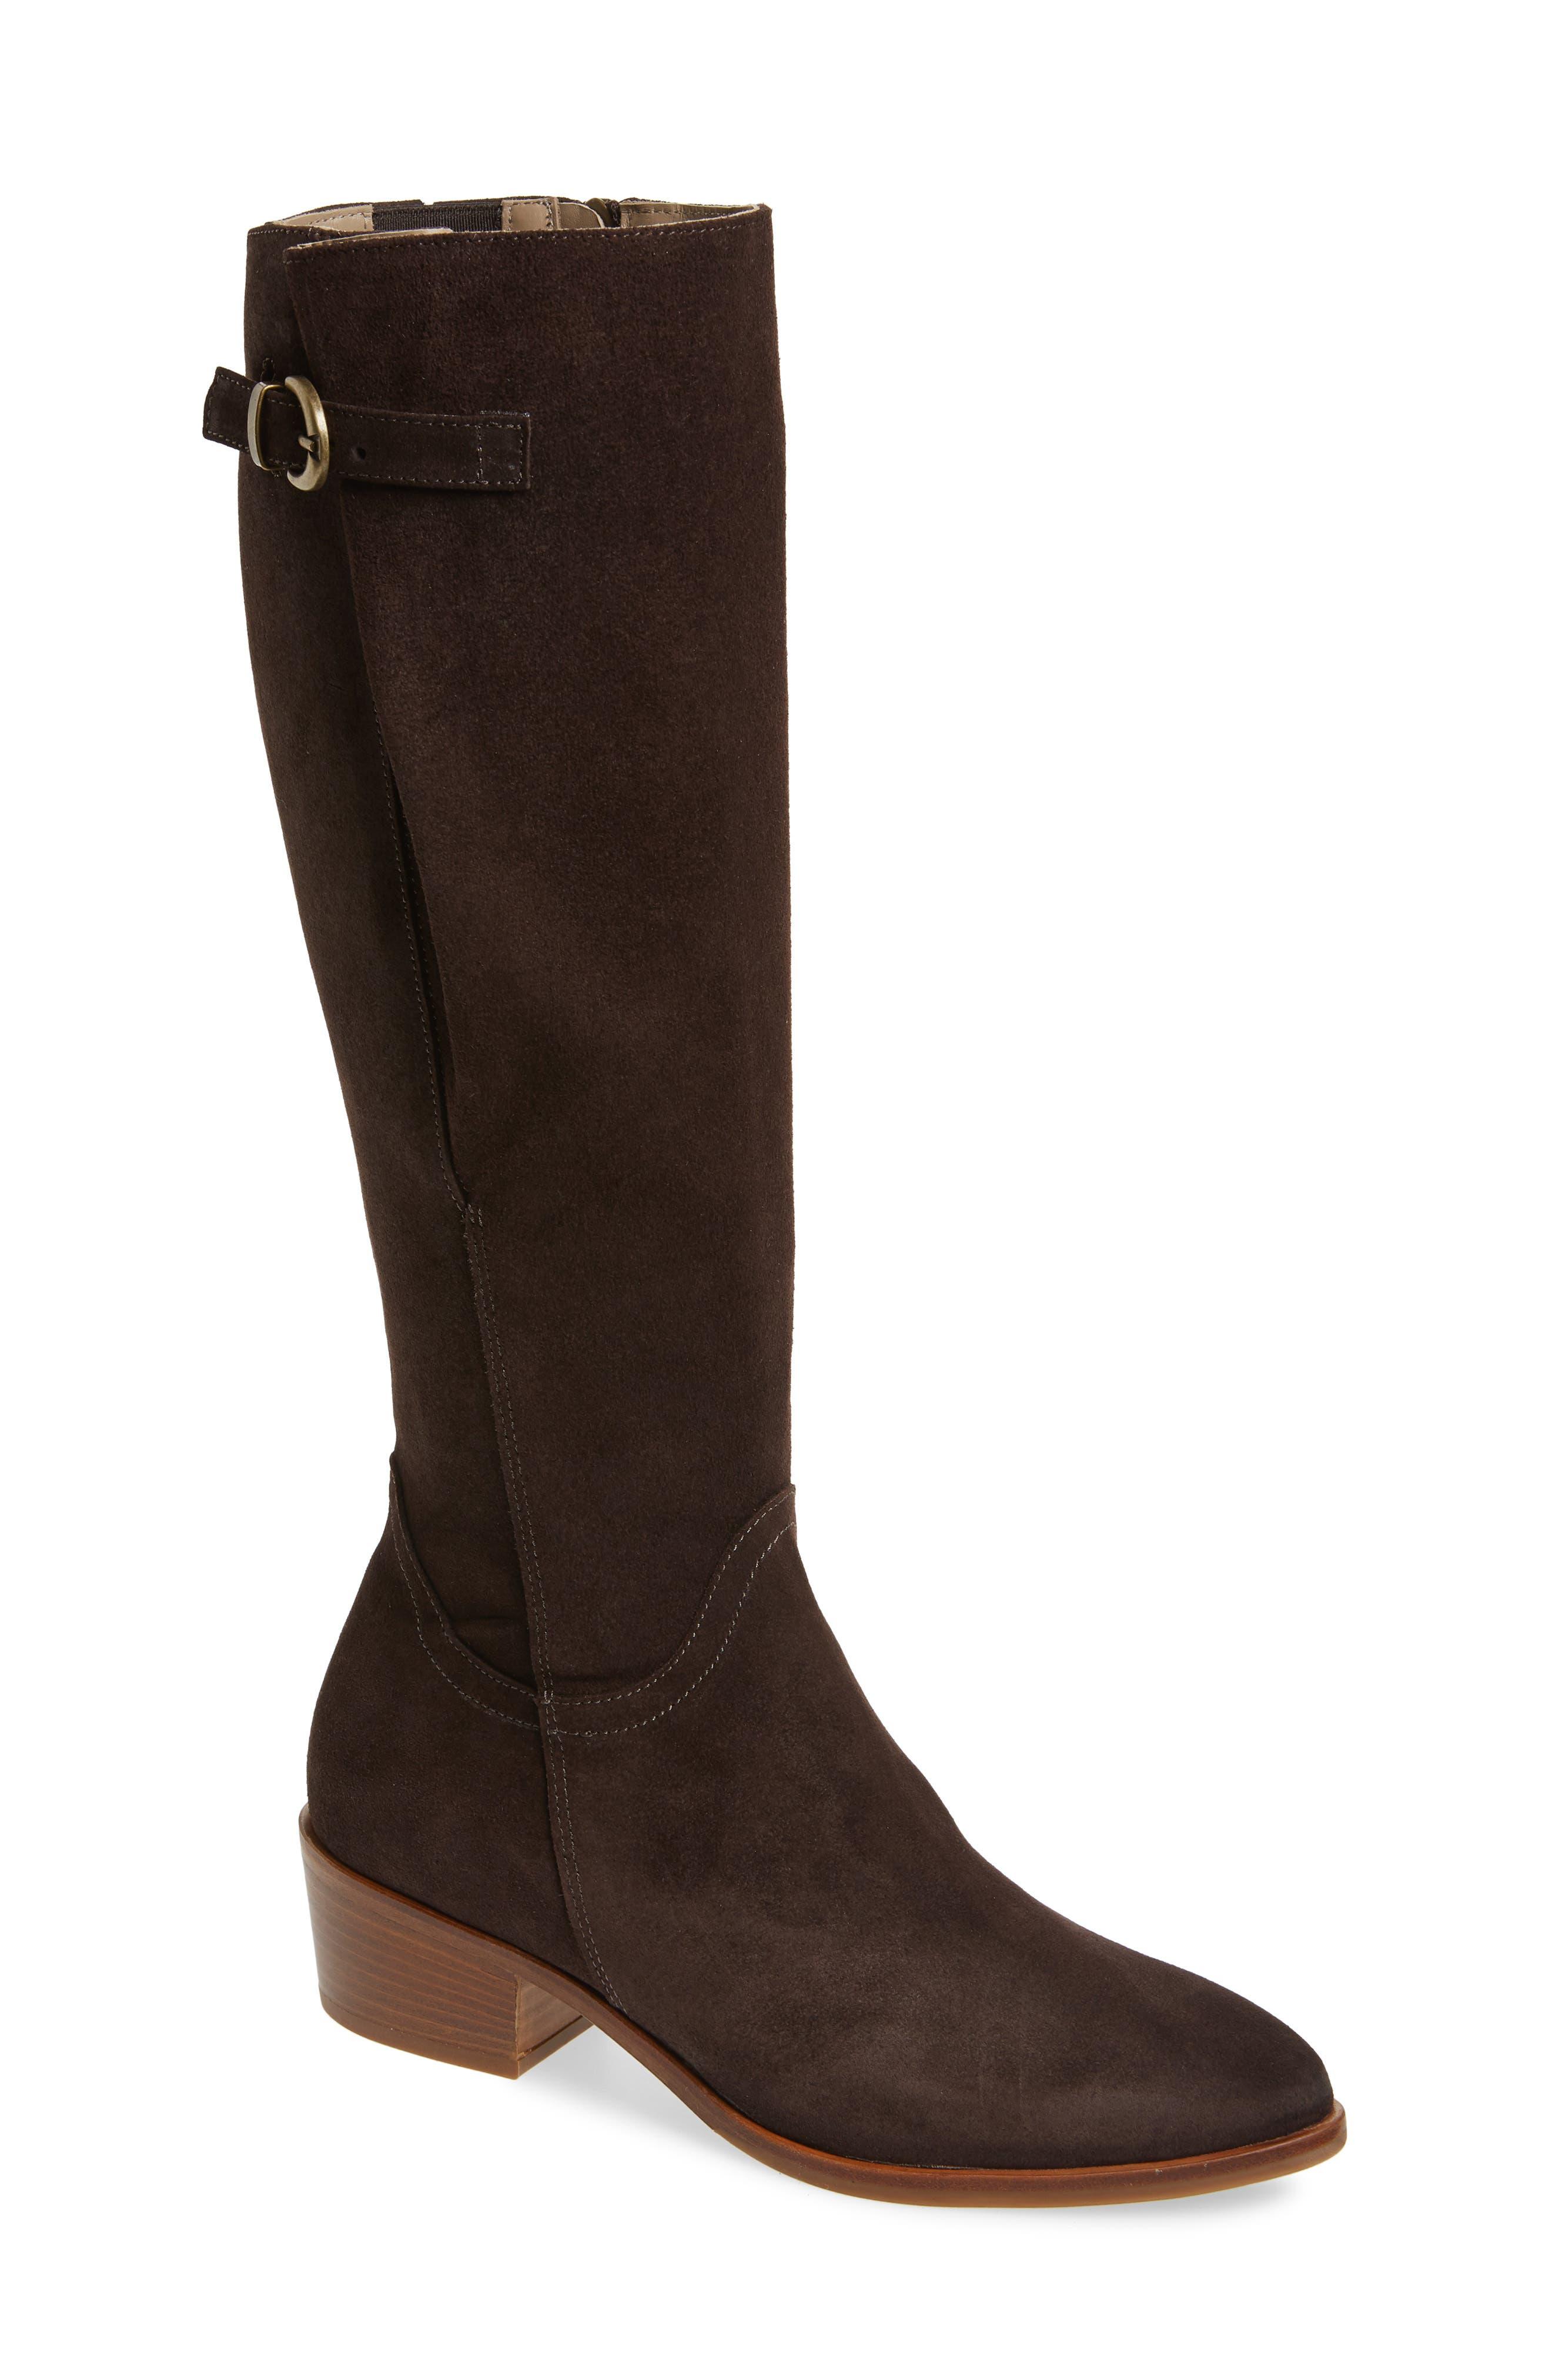 Italeau Tosca Waterproof Knee High Boot, Brown